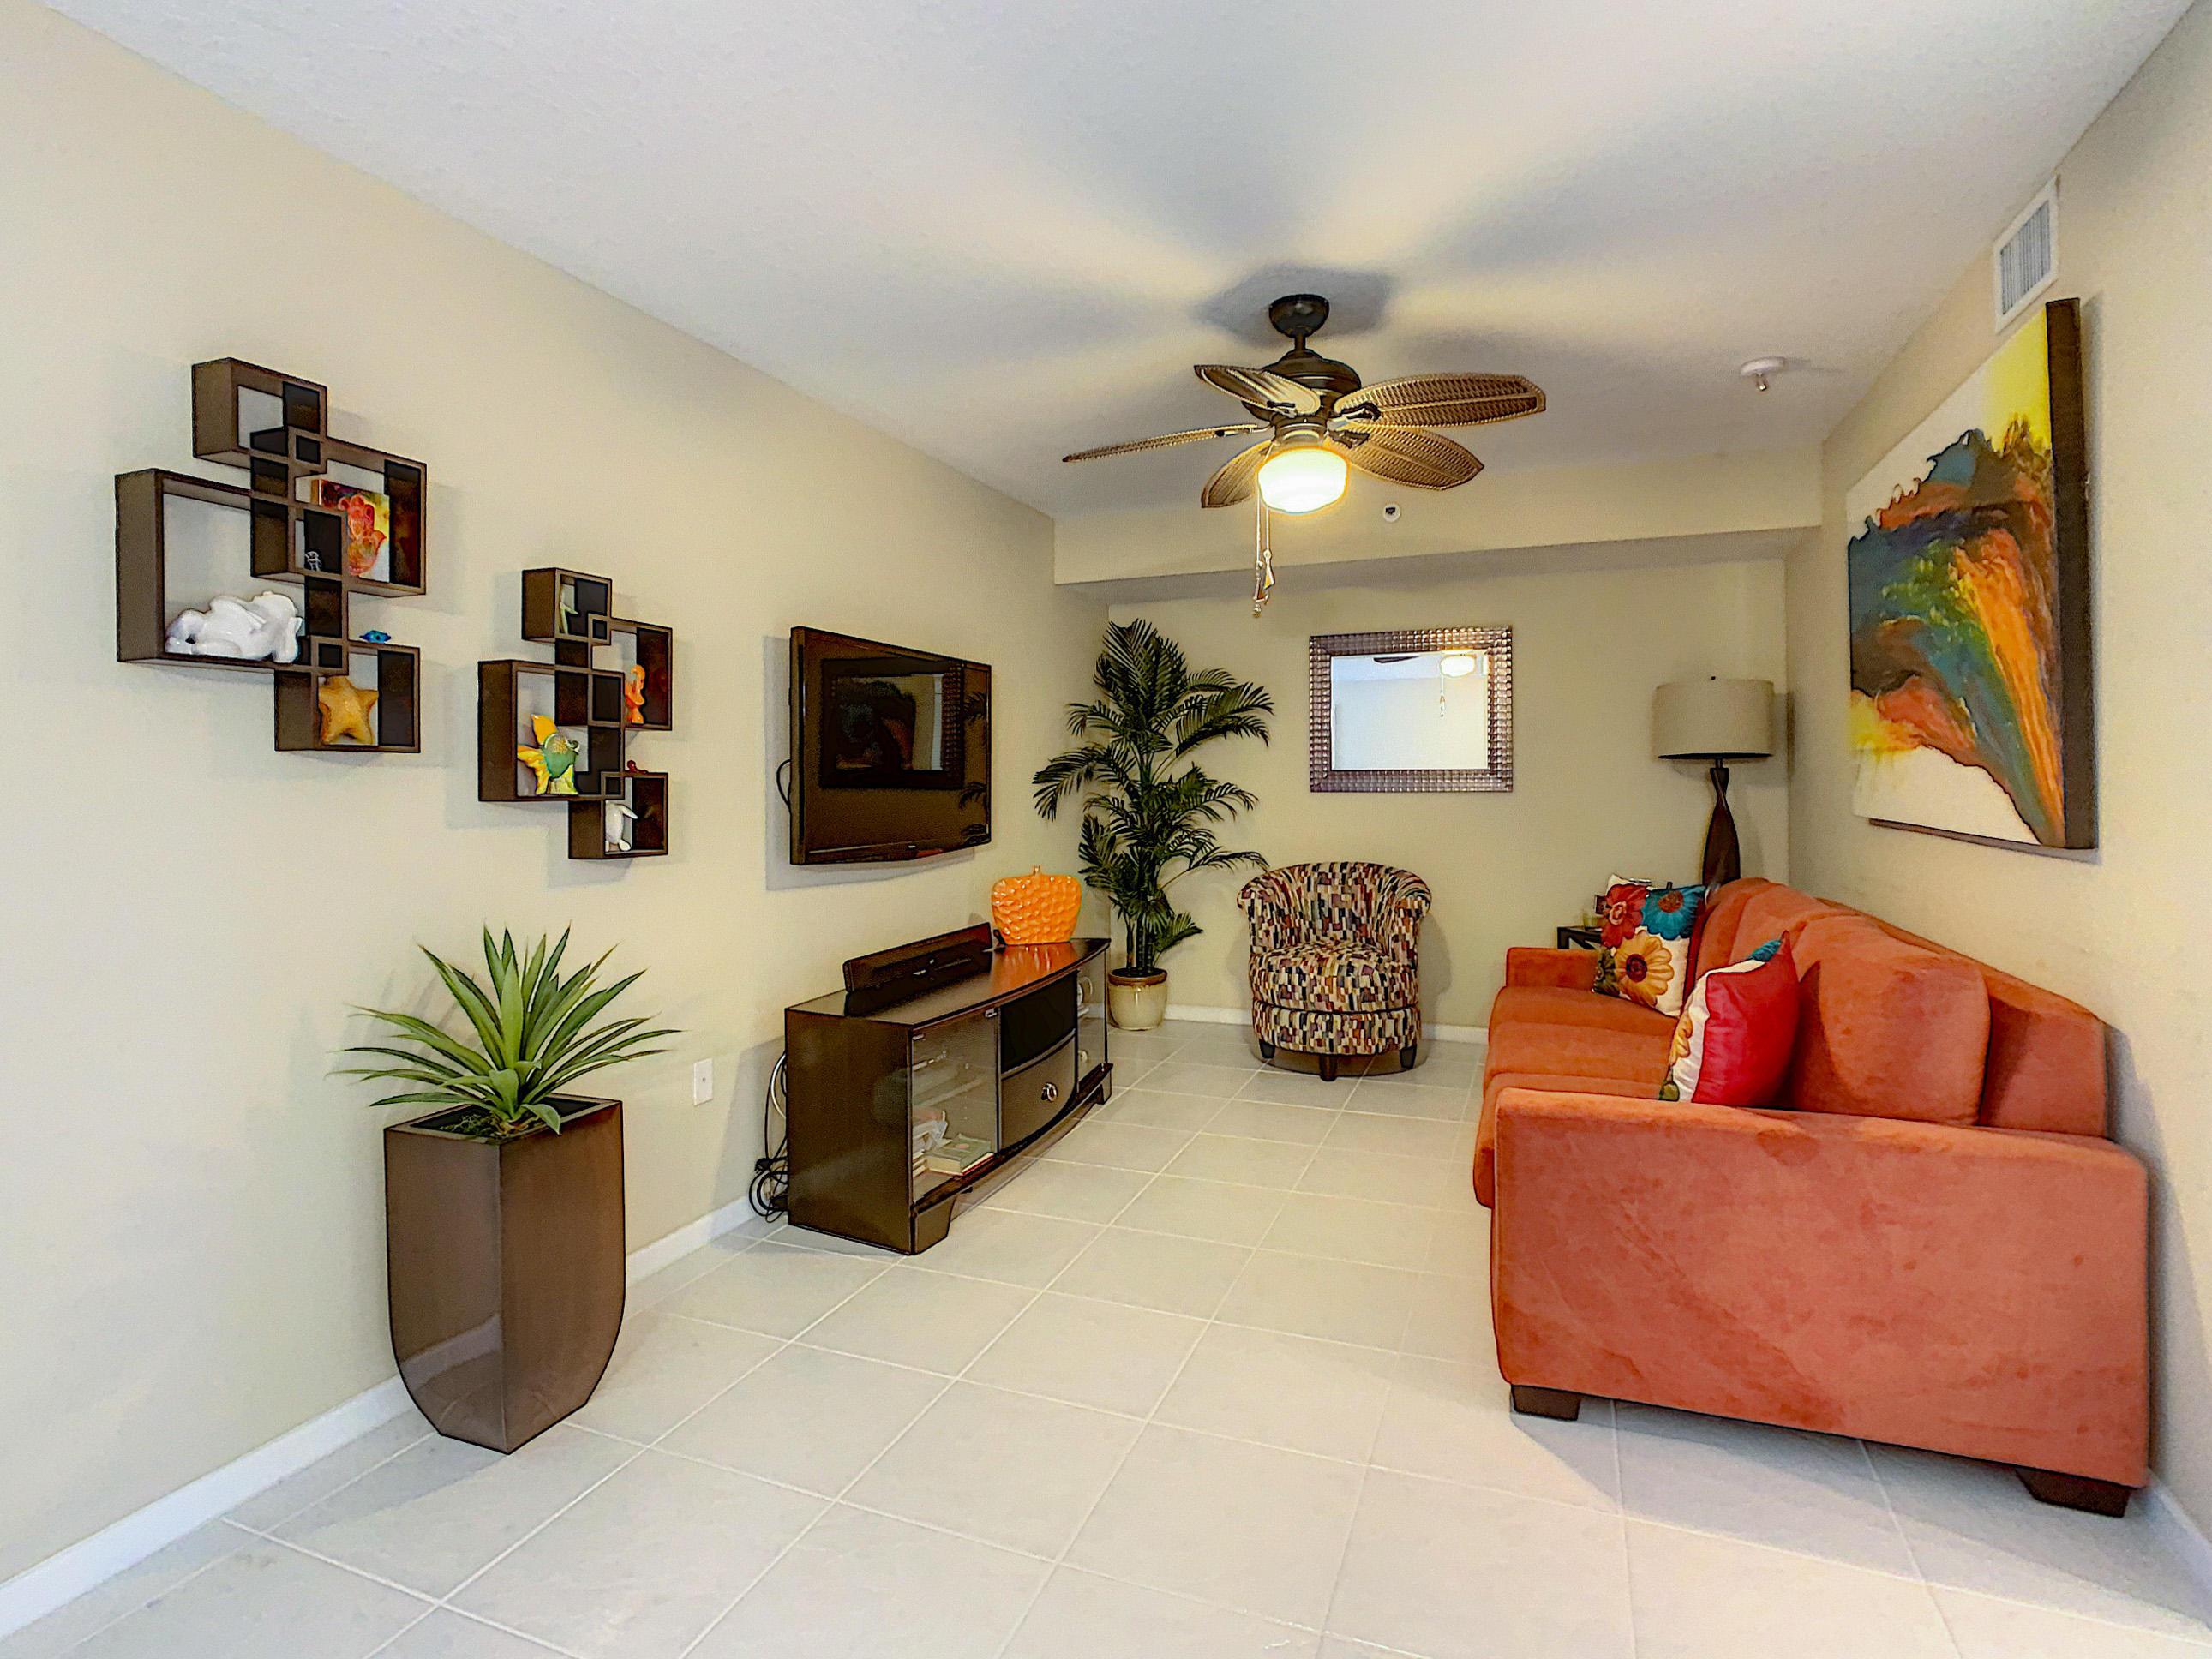 12547 Imperial Isle Drive 402 Boynton Beach, FL 33437 photo 29